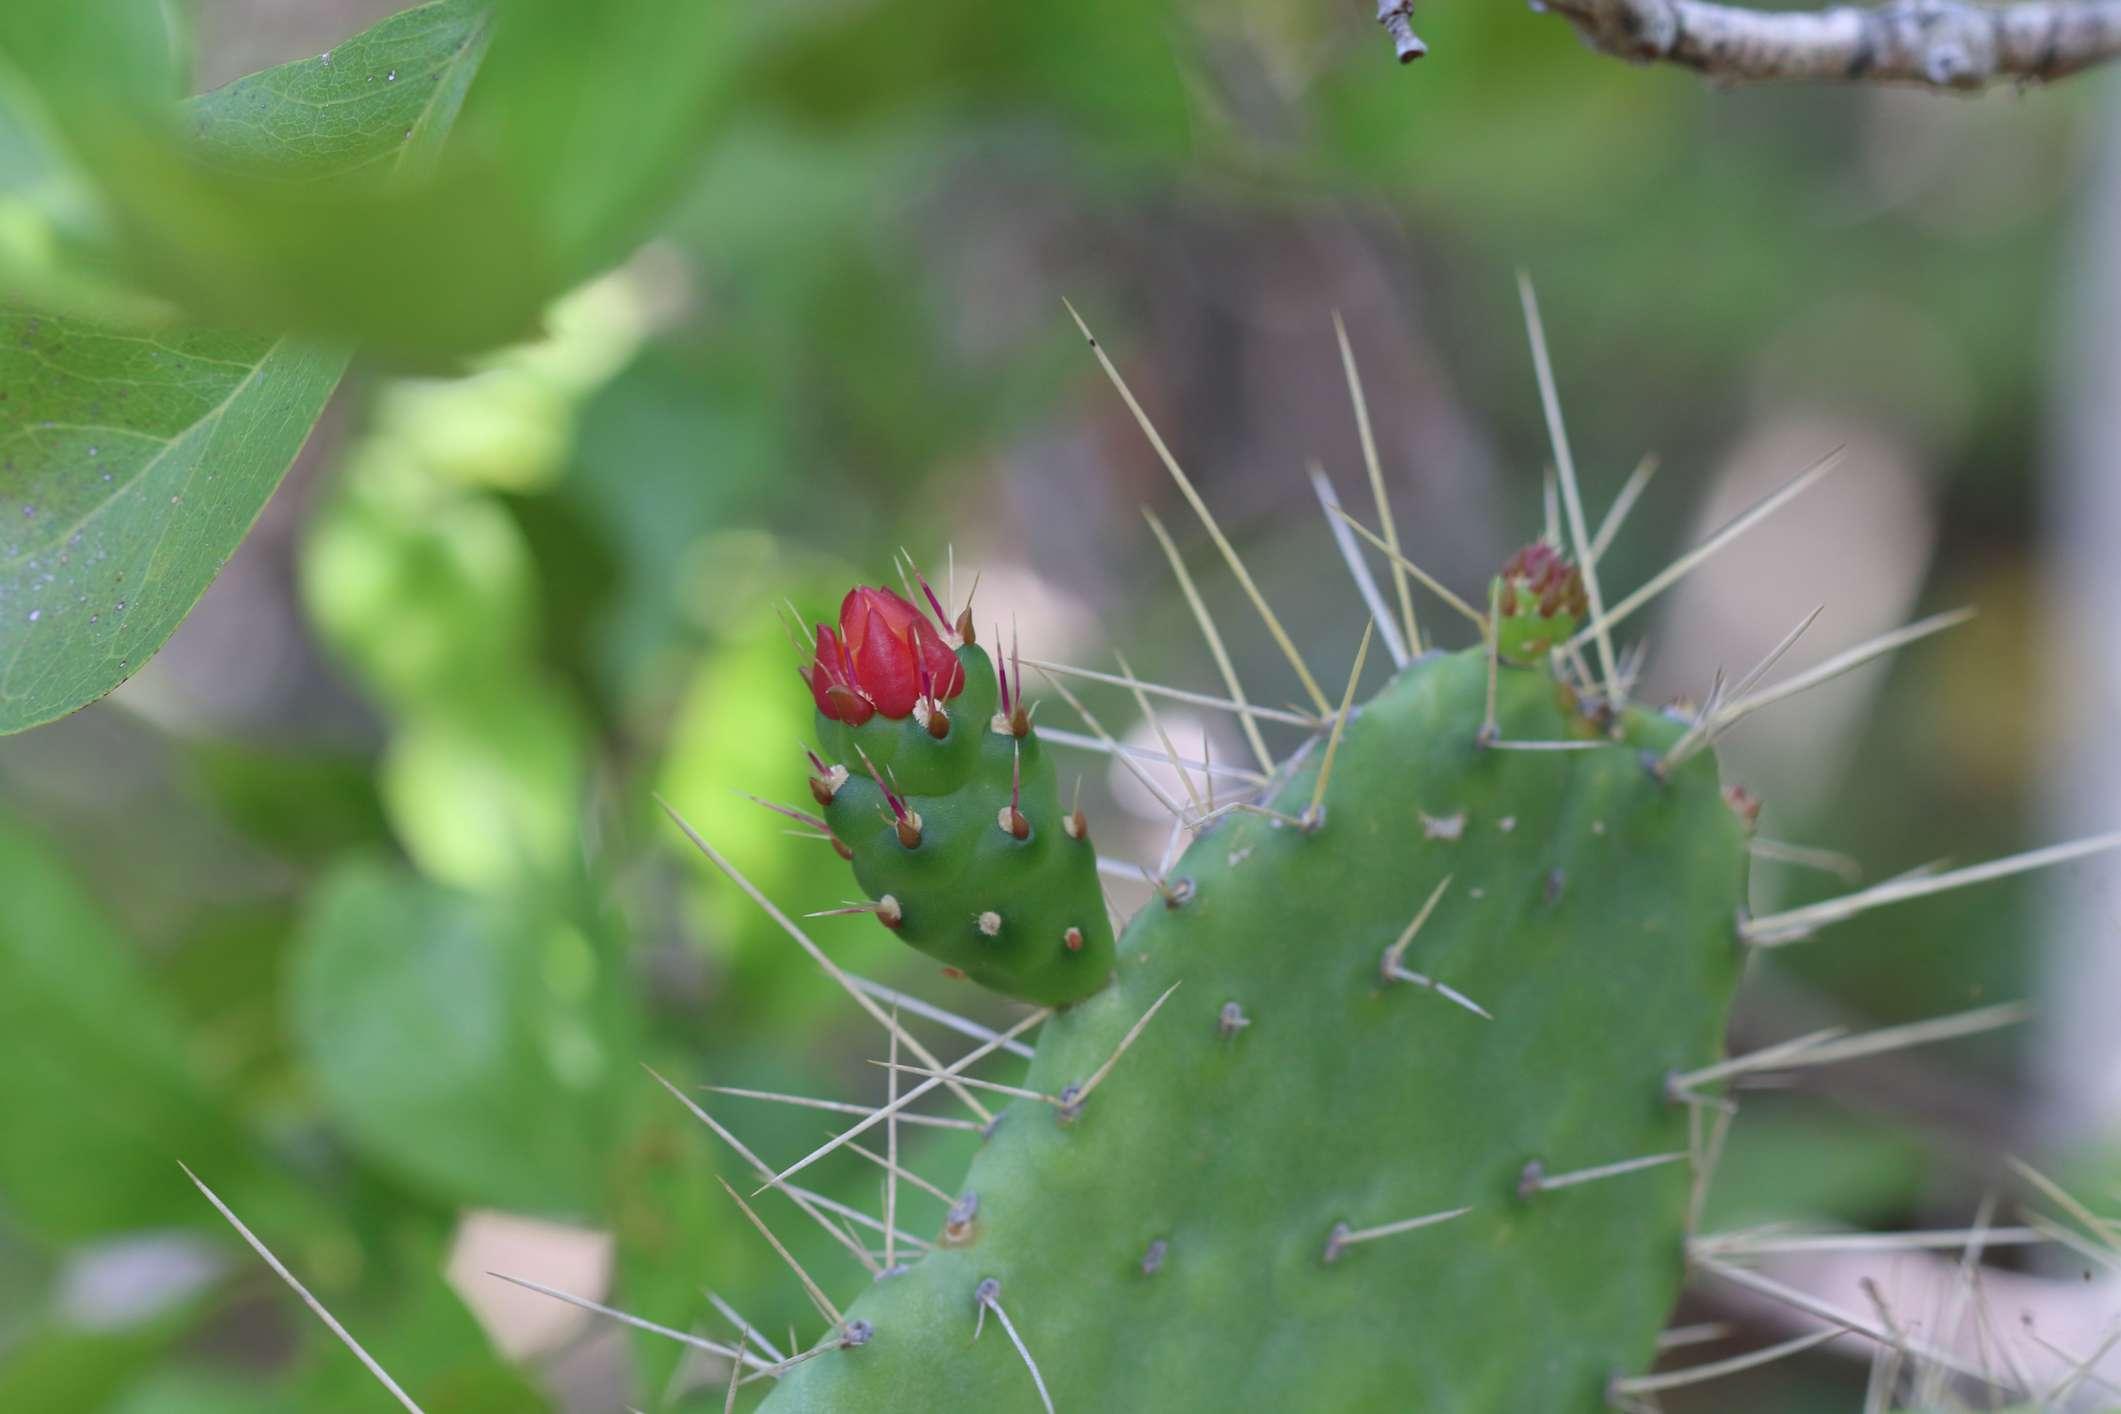 Consolea corallicola, or semaphore cactus